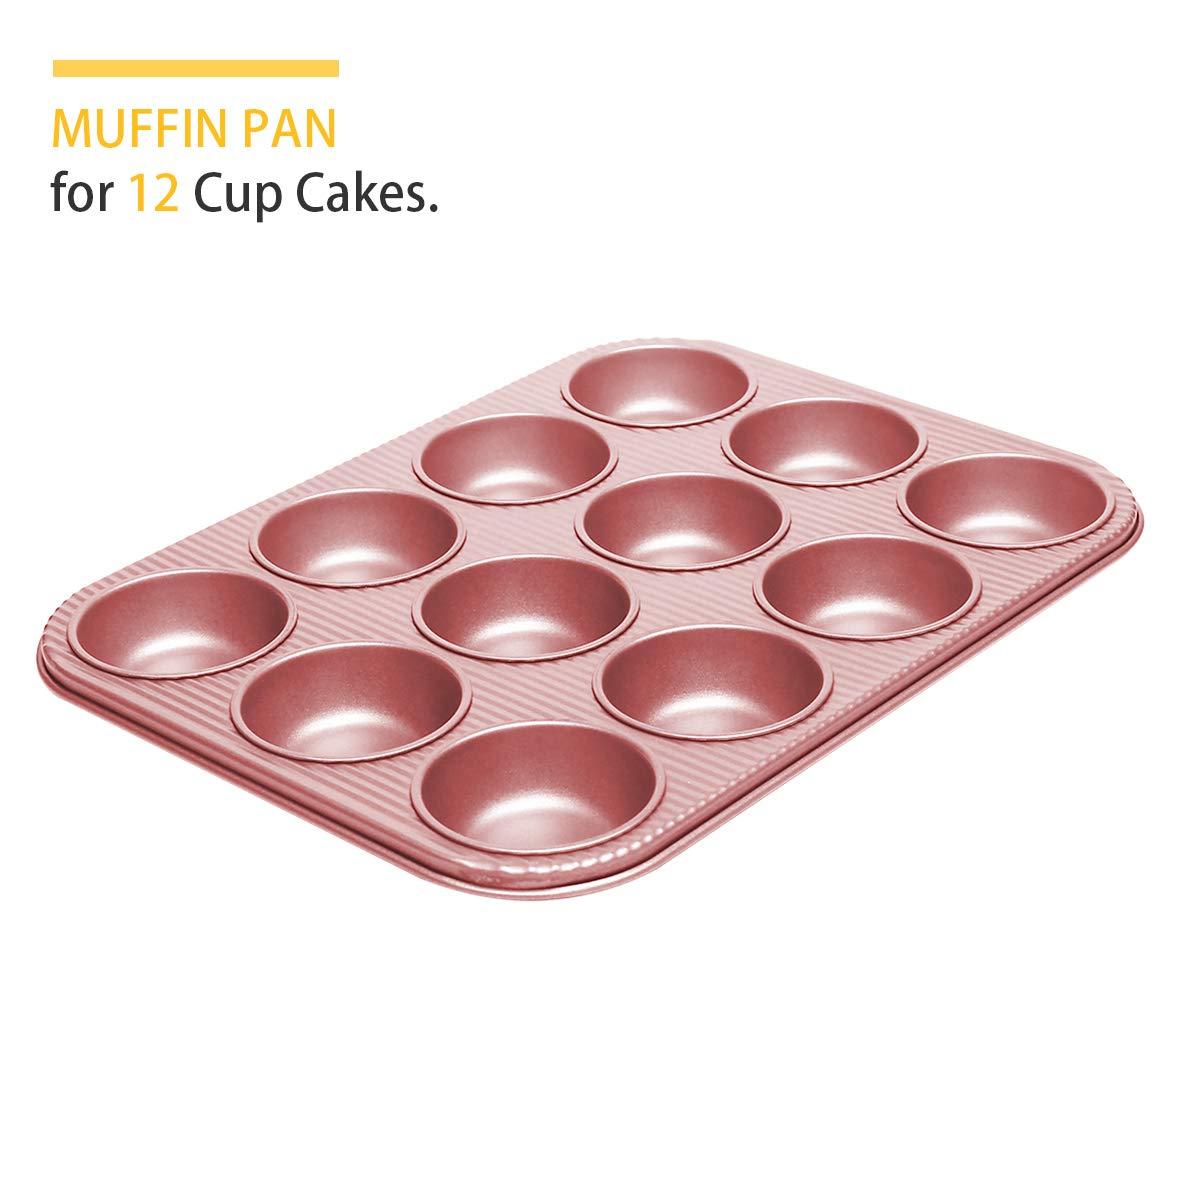 Bakeware Set, TOPTIER 6 Piece Nonstick Baking Pan Sets with Cookie Baking Sheets, Muffin Pan, Loaf Pan, Round Cake Pan, Roasting Pan for Baking | Prime Housewarming & Wedding Gift, Rose Gold by toptier (Image #3)